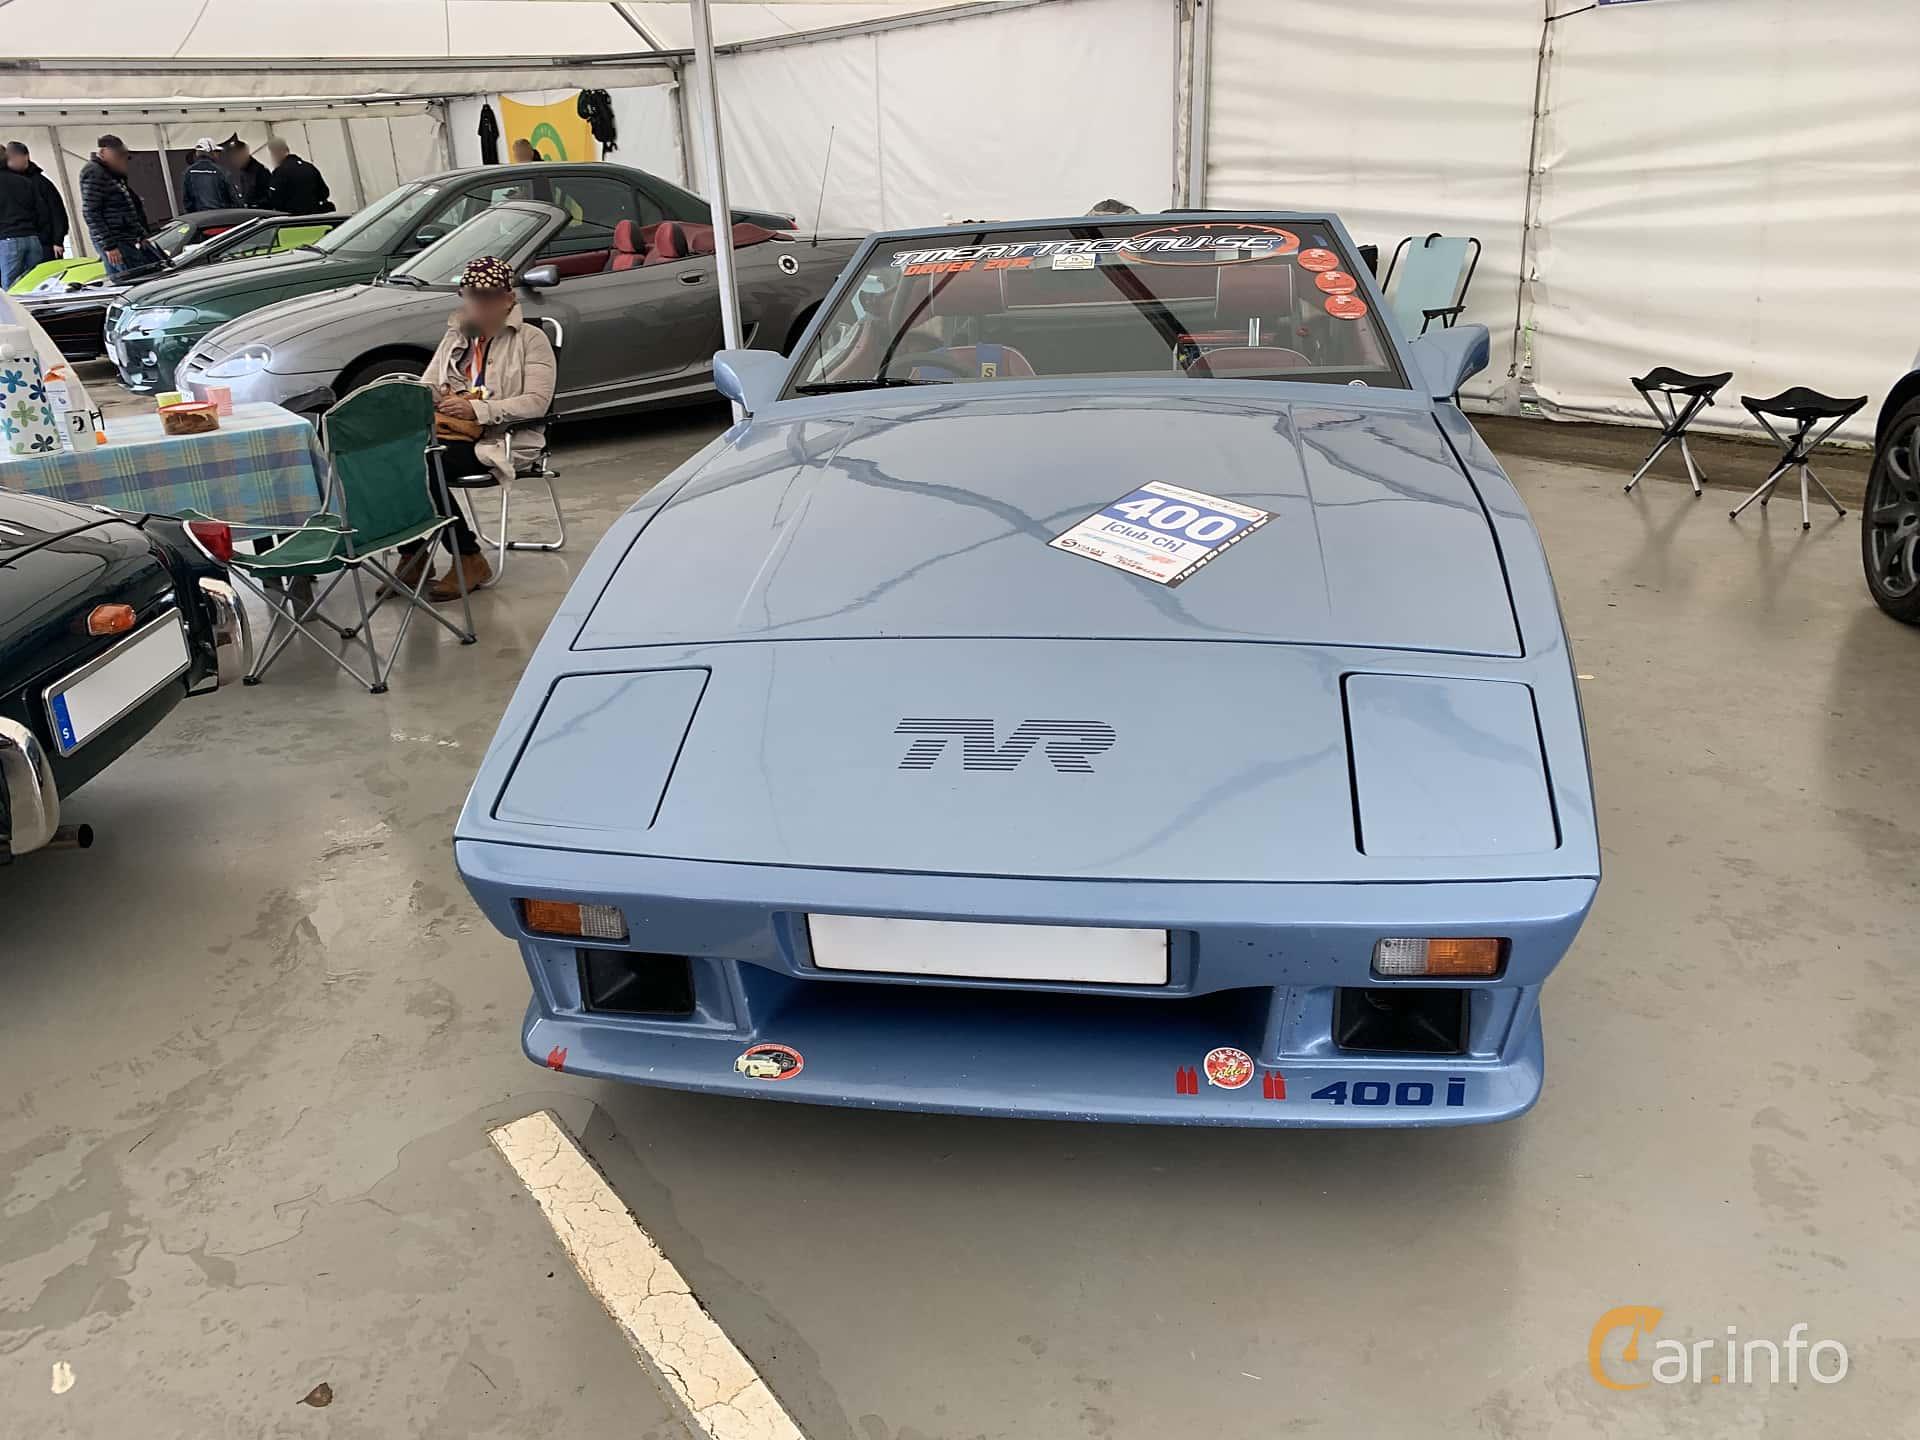 Front  of TVR 350i Convertible 3.5 V8 Manual, 193ps, 1985 at Svenskt sportvagnsmeeting 2019